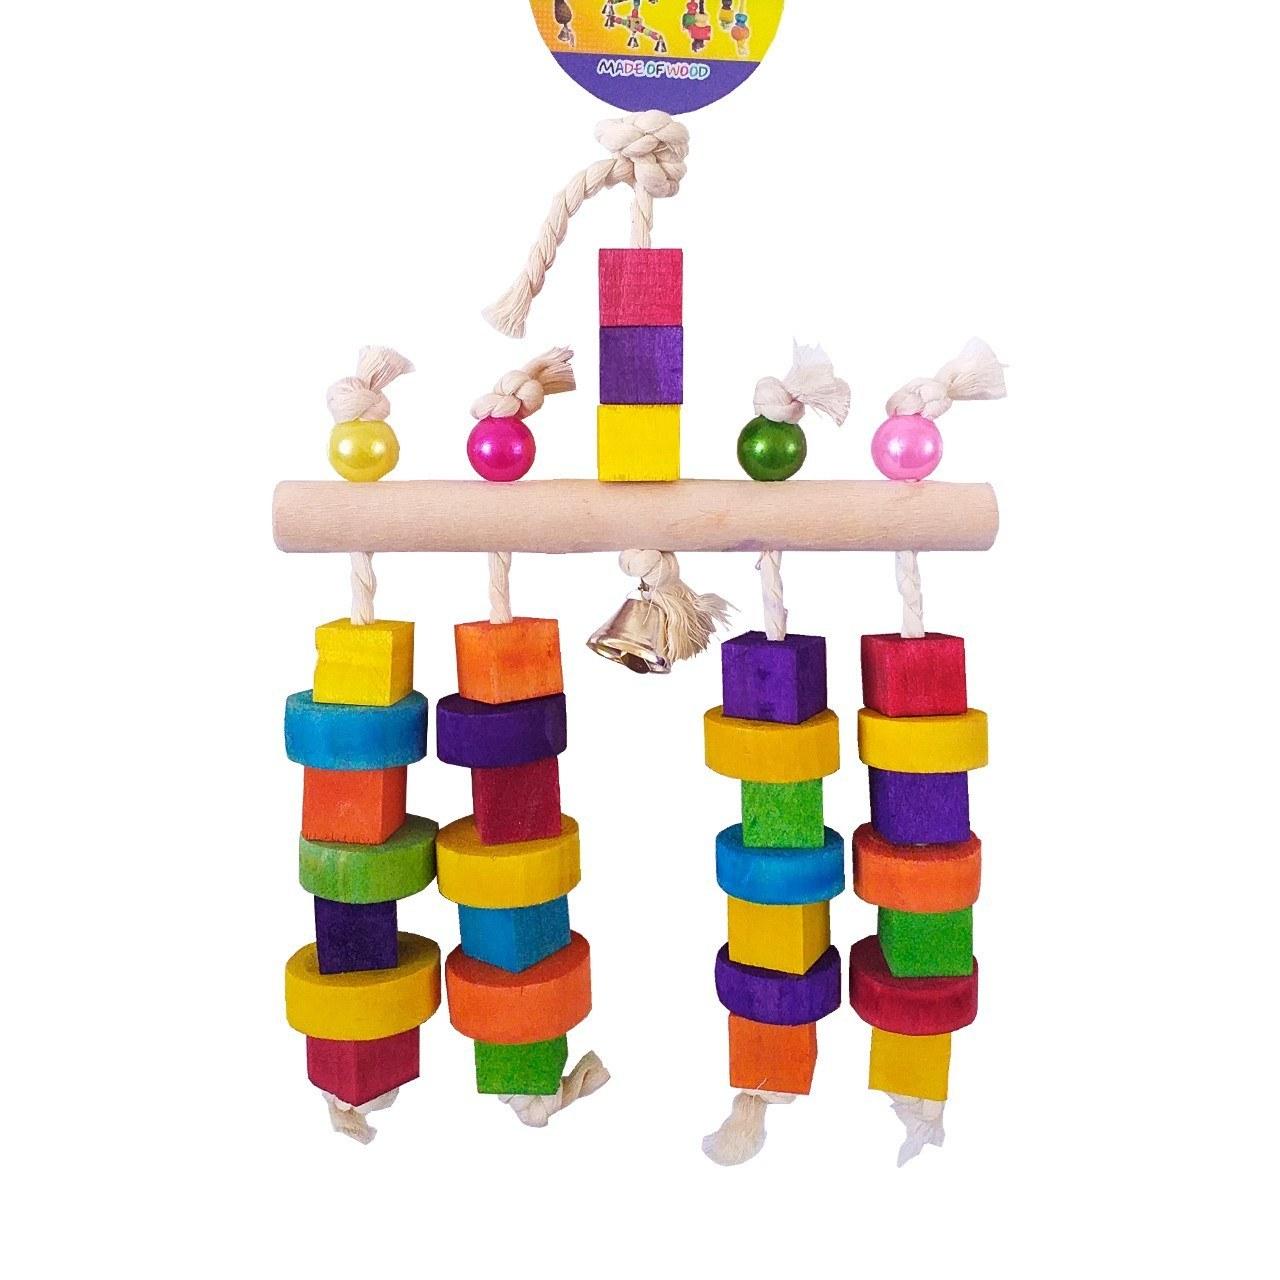 تصویر اسباب بازی طوطی کاکاتیل ، ملنگو ، سان کانور کد 2056